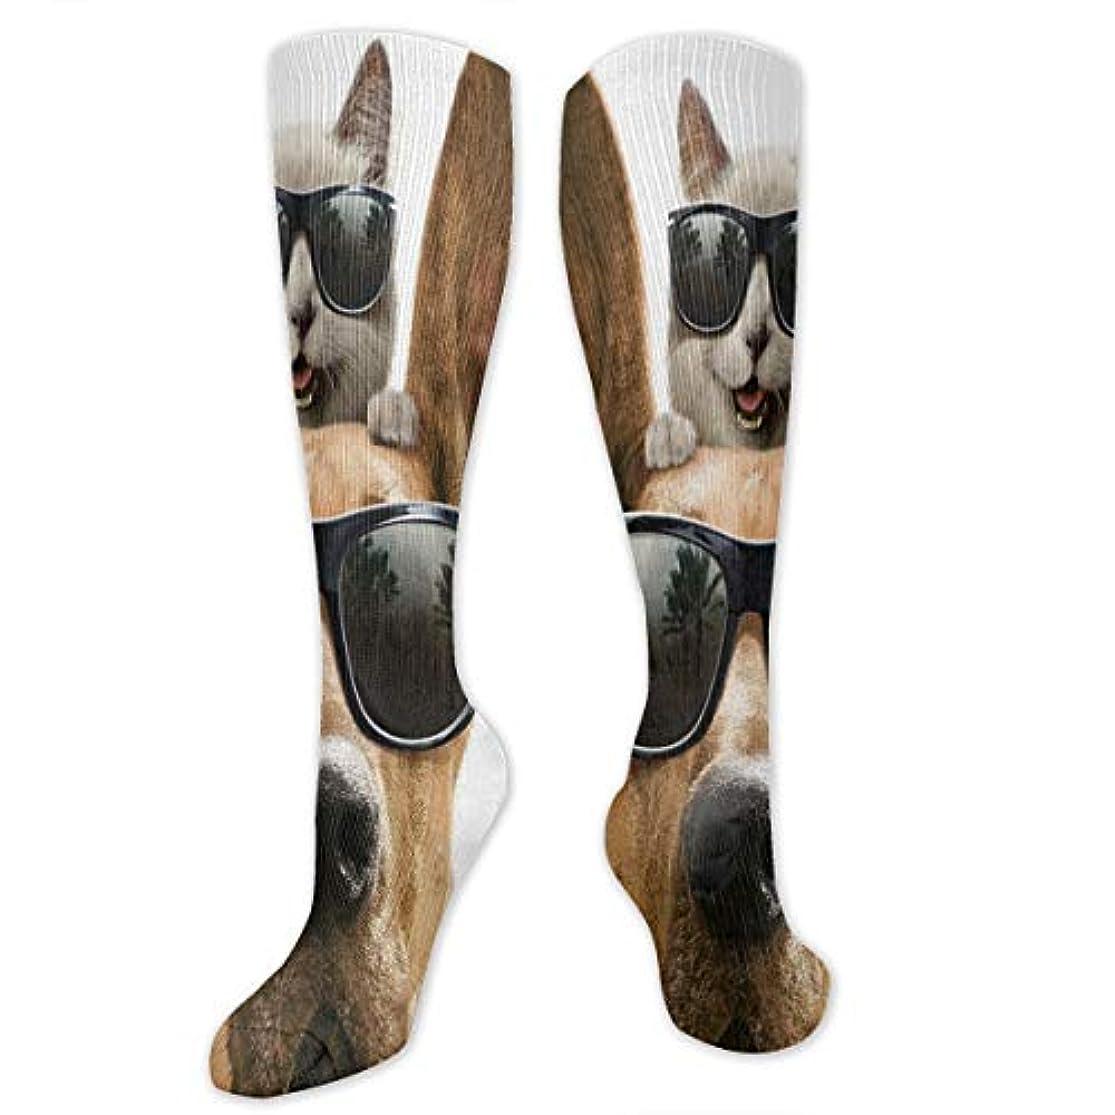 セーター祝福子豚メンズ面白い猫と犬の水分発散性のあるクルーソックスギフトハイキングソックス